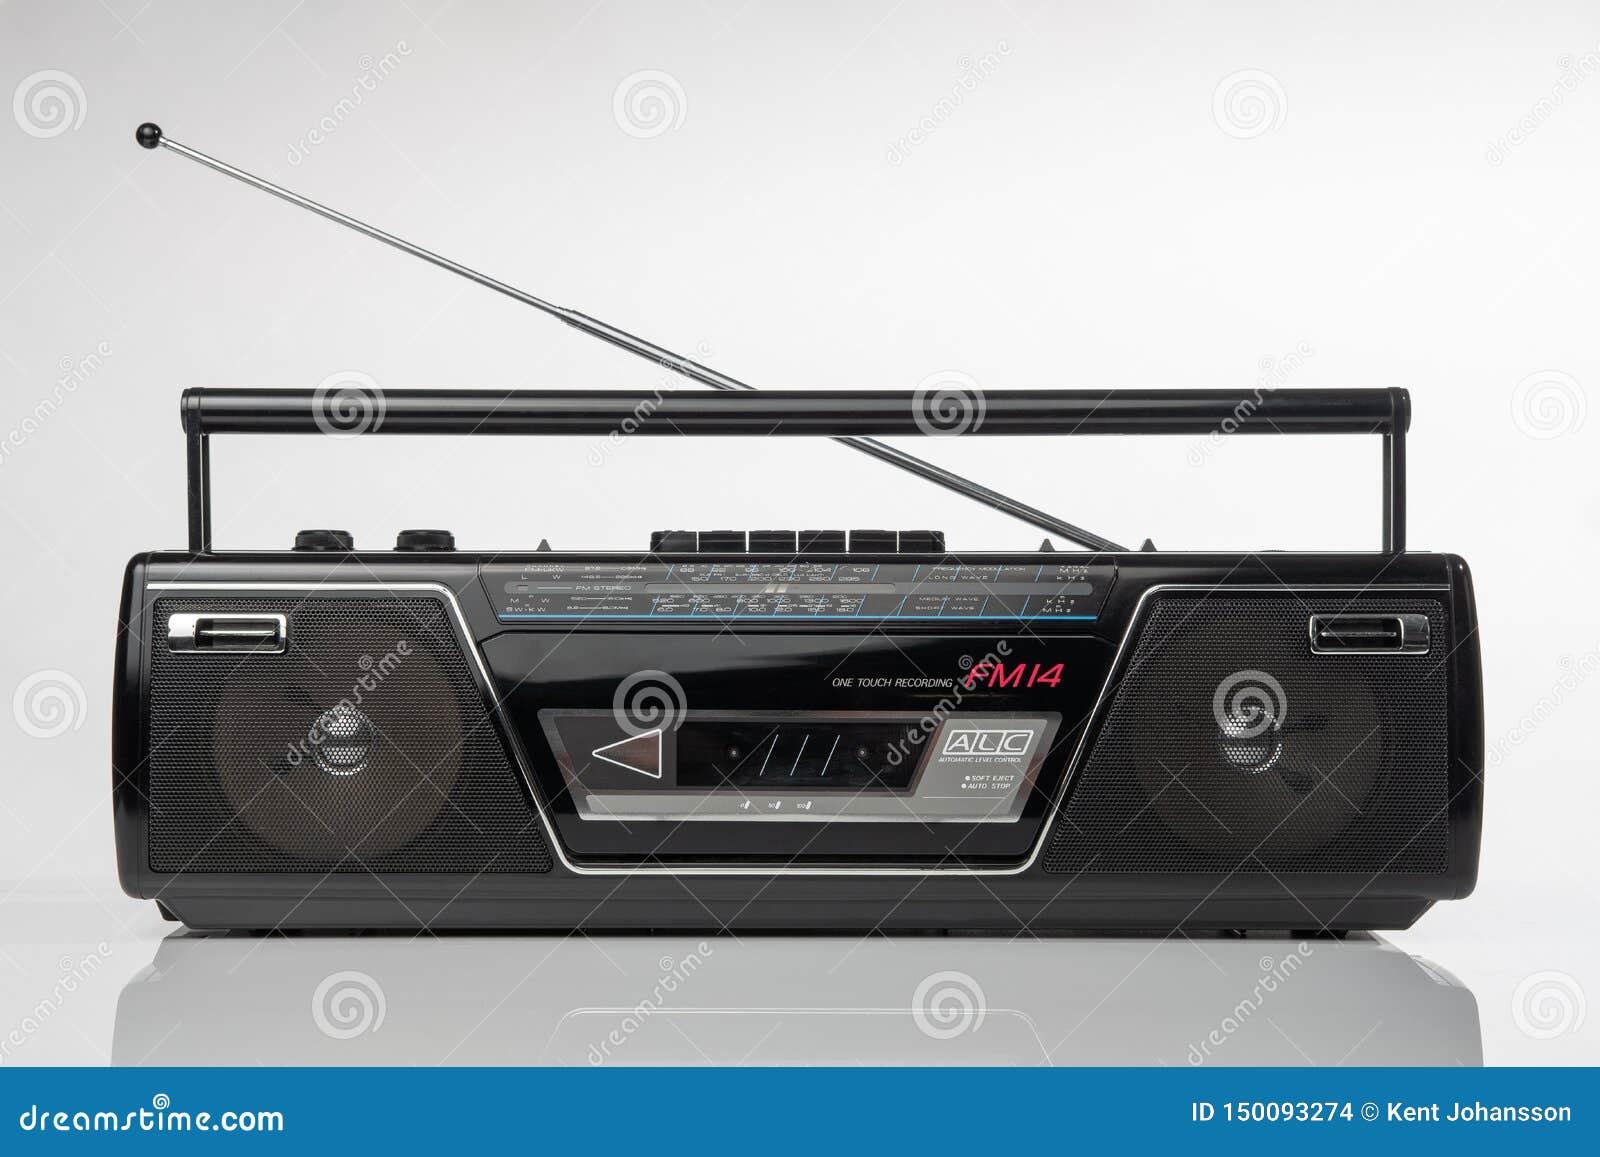 1980s вводят игрока в моду кассеты радио